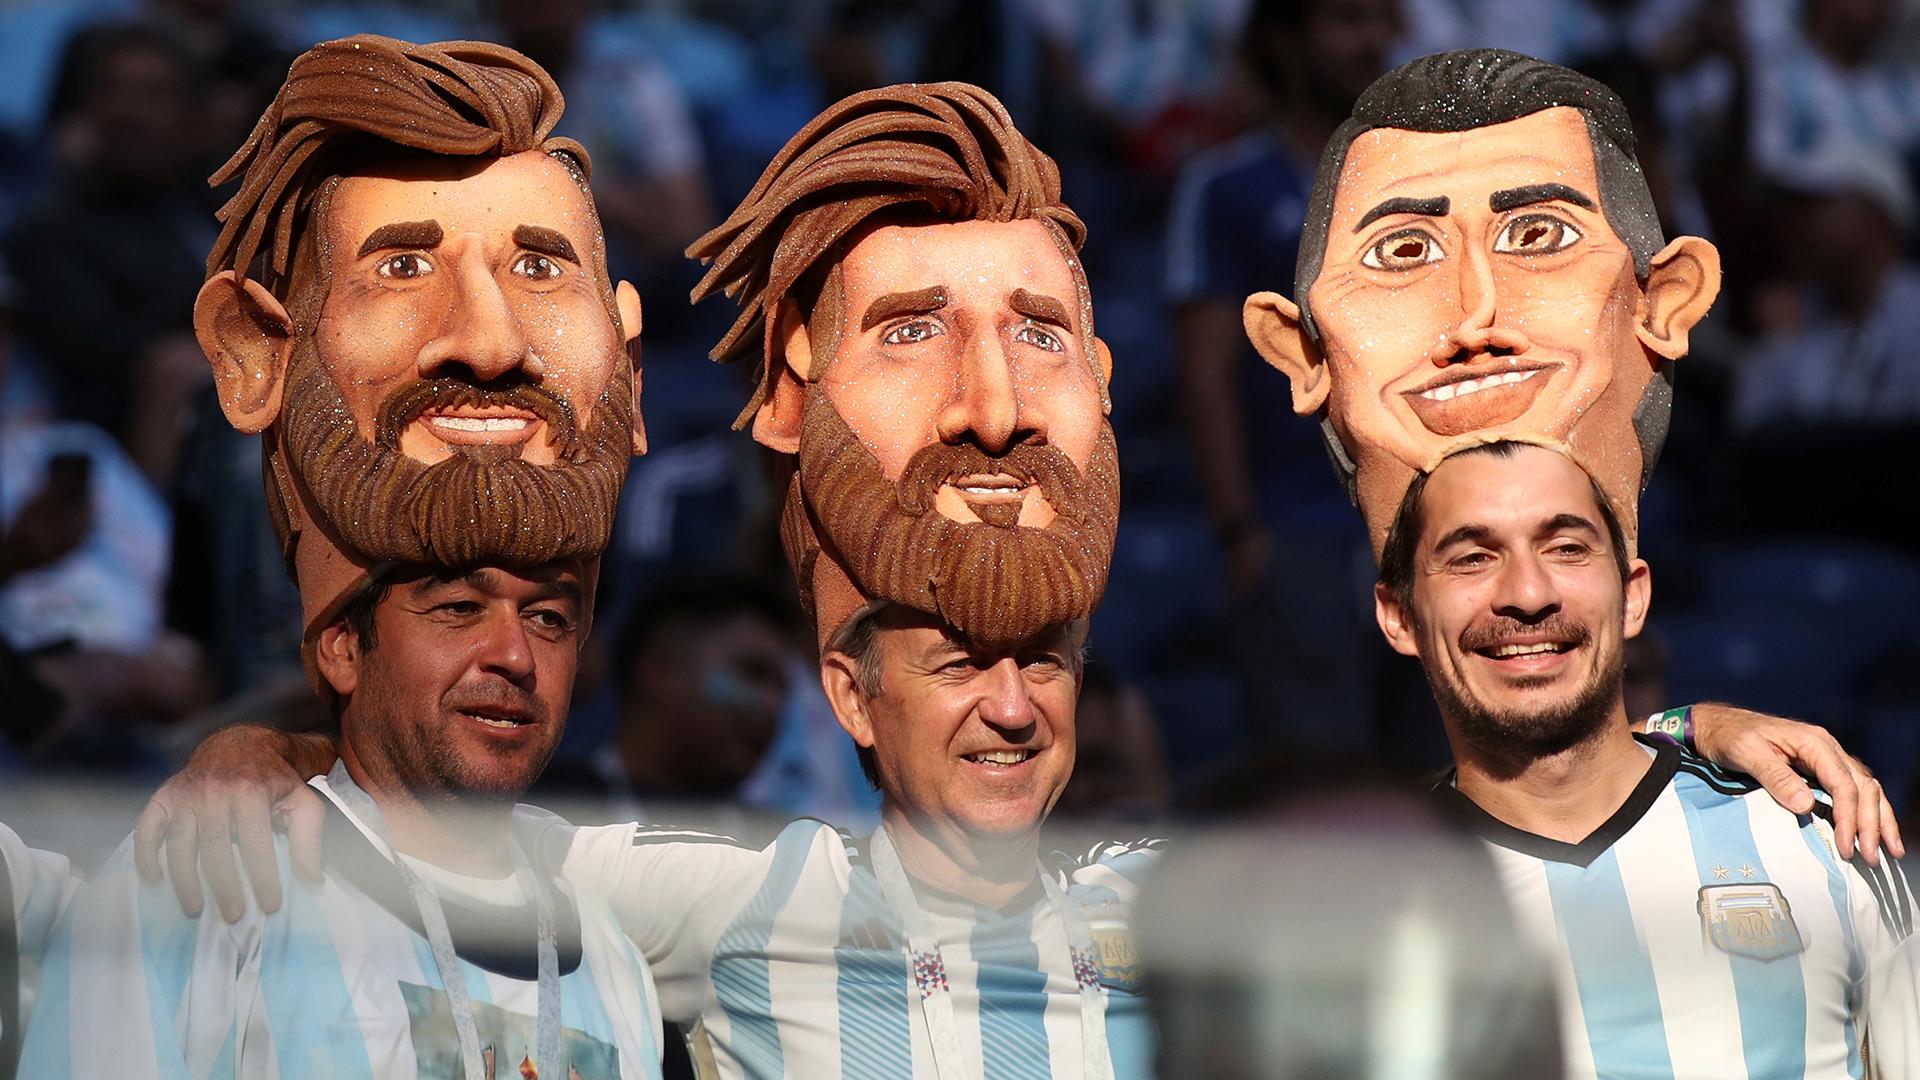 Máscaras de Messi y Di María sobresalen en las butacas del estadio